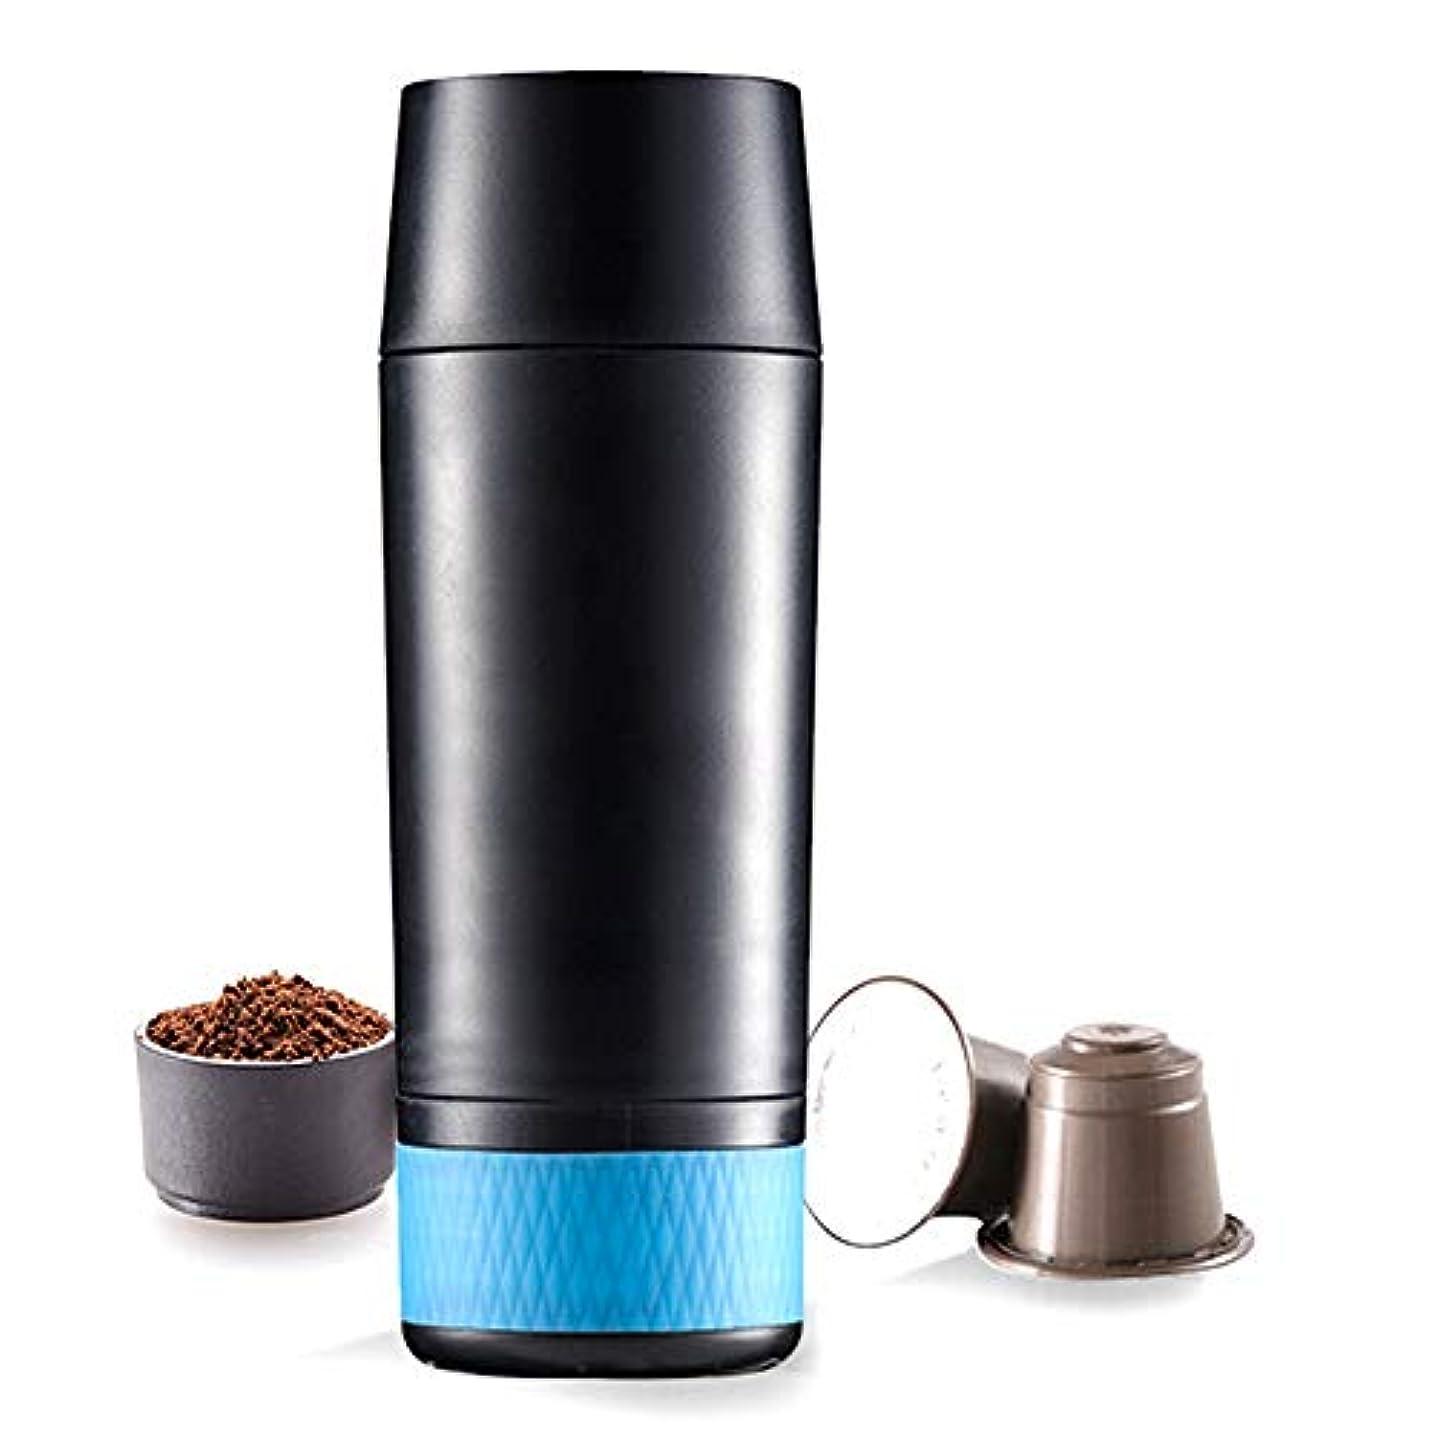 才能観察スマイルミニトラベルコーヒーマシン ミニポータブルコーヒーマシンUSB充電式コーヒーパウダーカプセルデュアルユーストラベルコーヒーエッセンシャル (色 : ブラック, サイズ : 7.5x21.6cm)